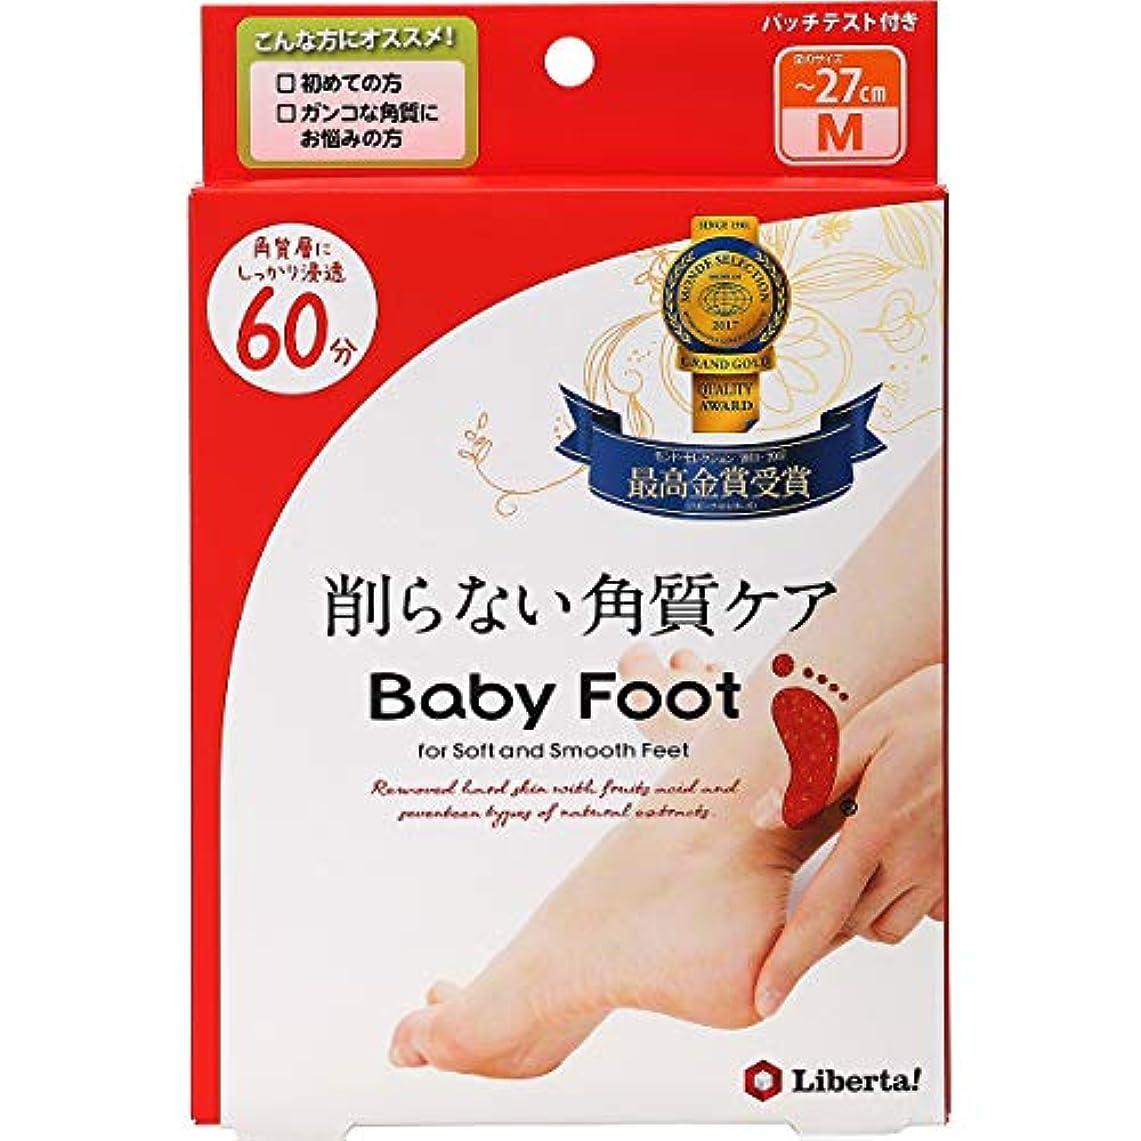 時期尚早果てしない悲観主義者ベビーフット (Baby Foot) ベビーフット イージーパック SPT60分タイプ Mサイズ 単品